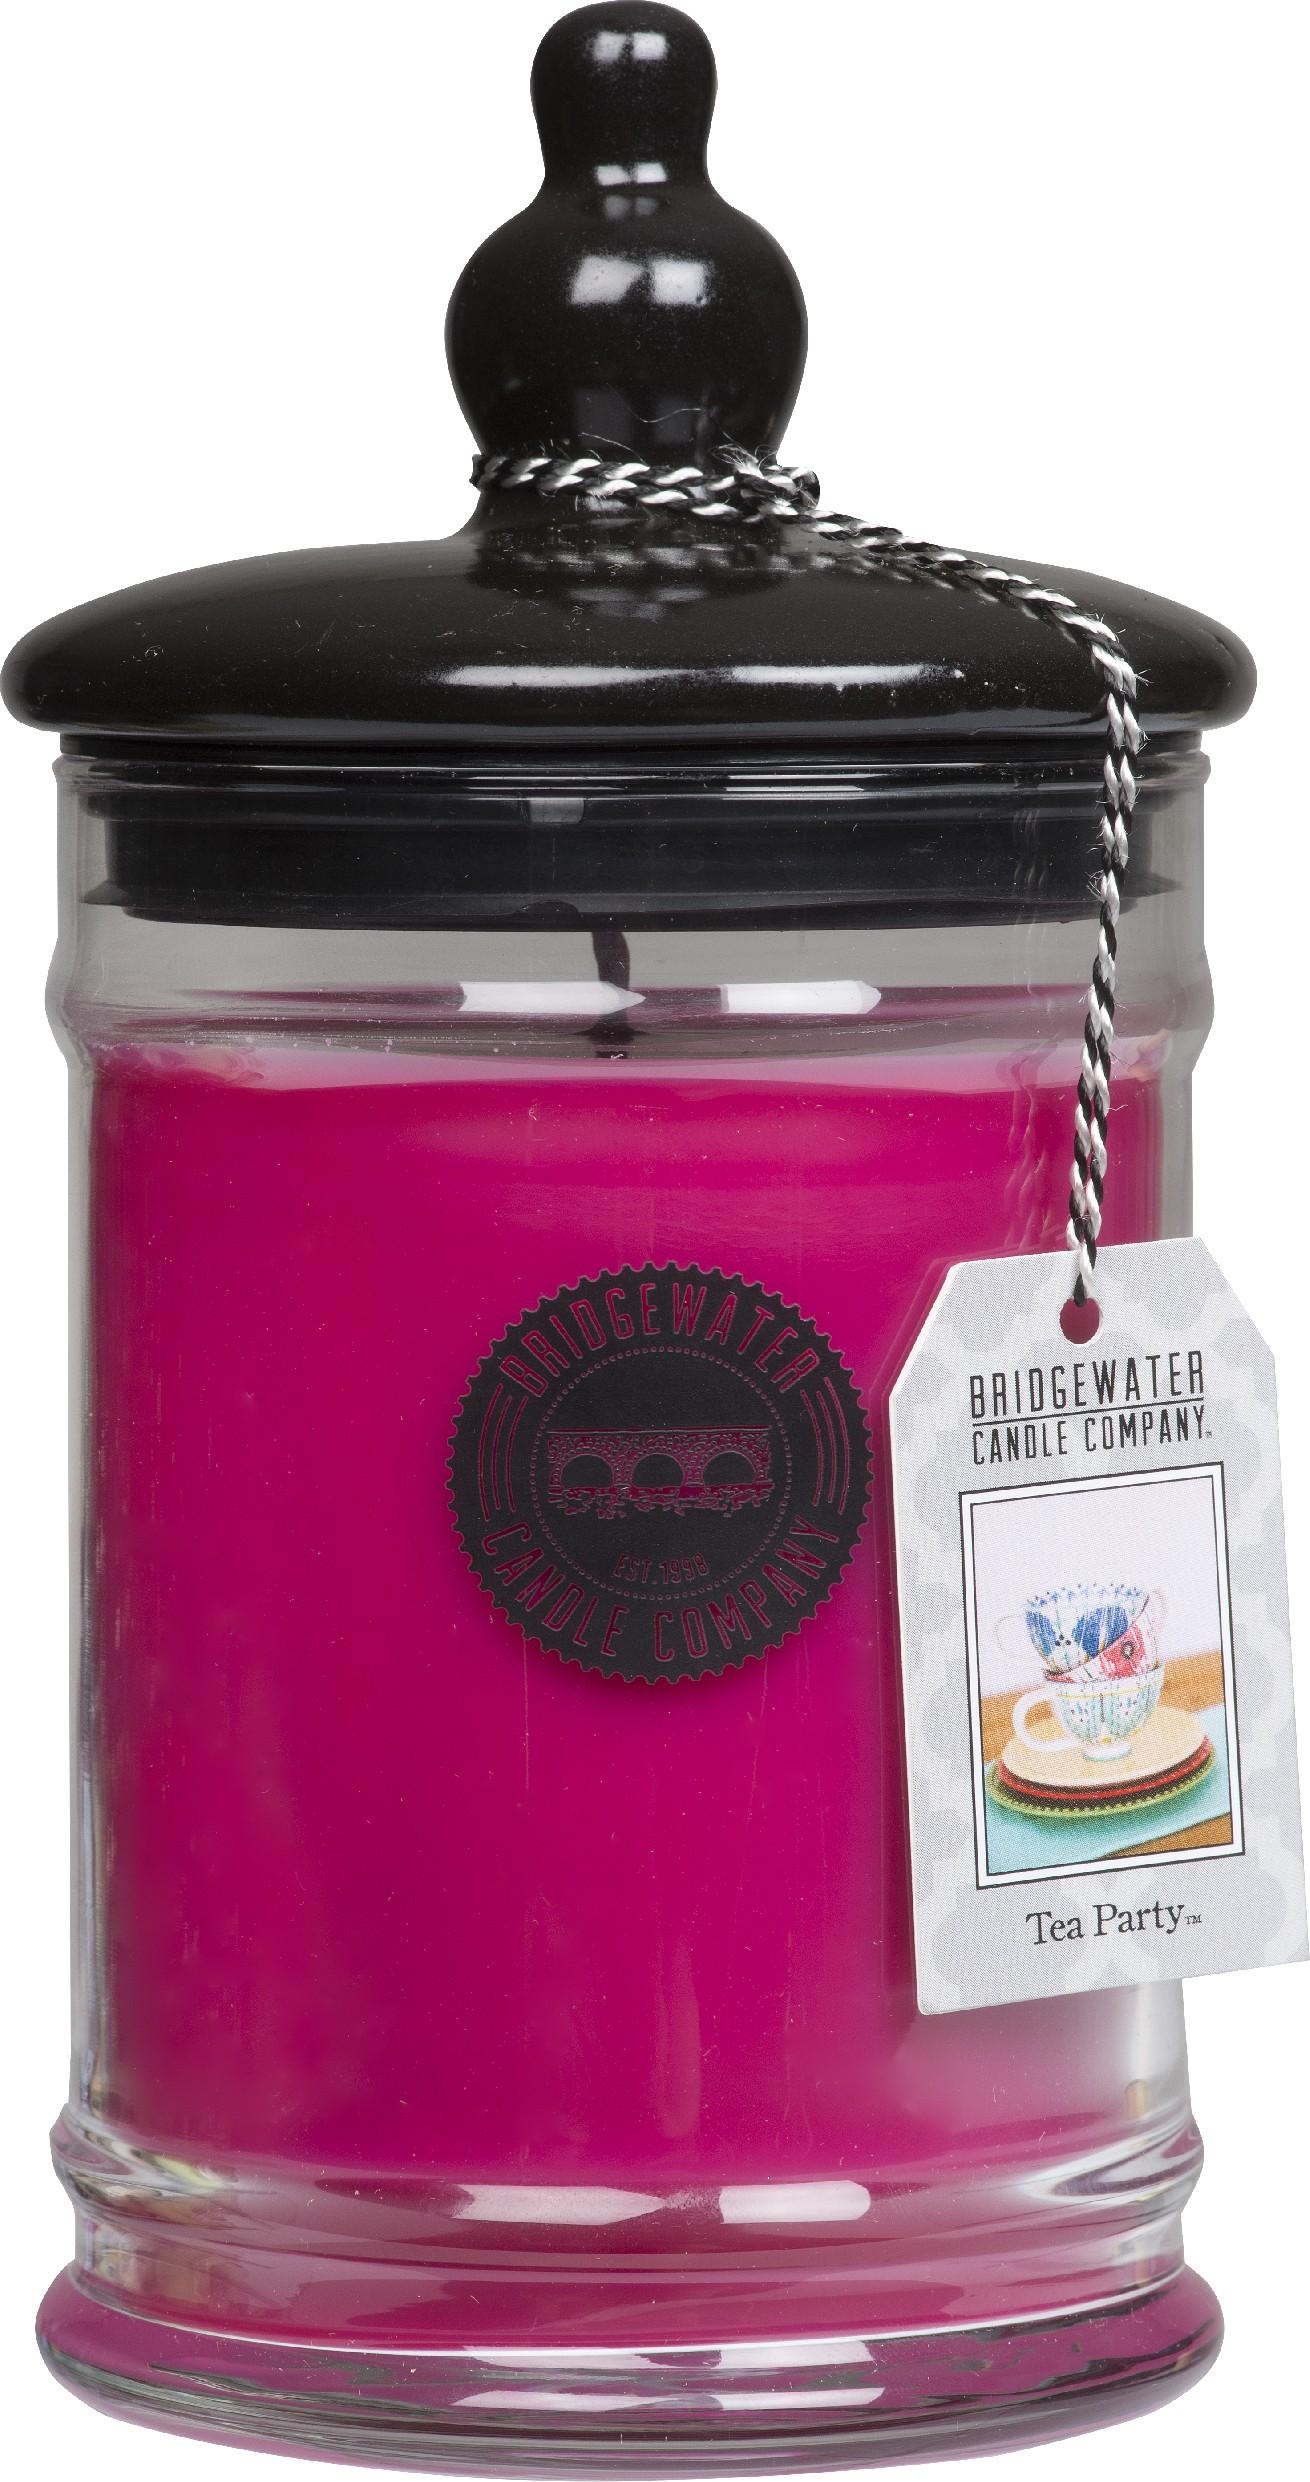 Bridgewater Candle Company Vonná svíčka Tea Party Provedení: A